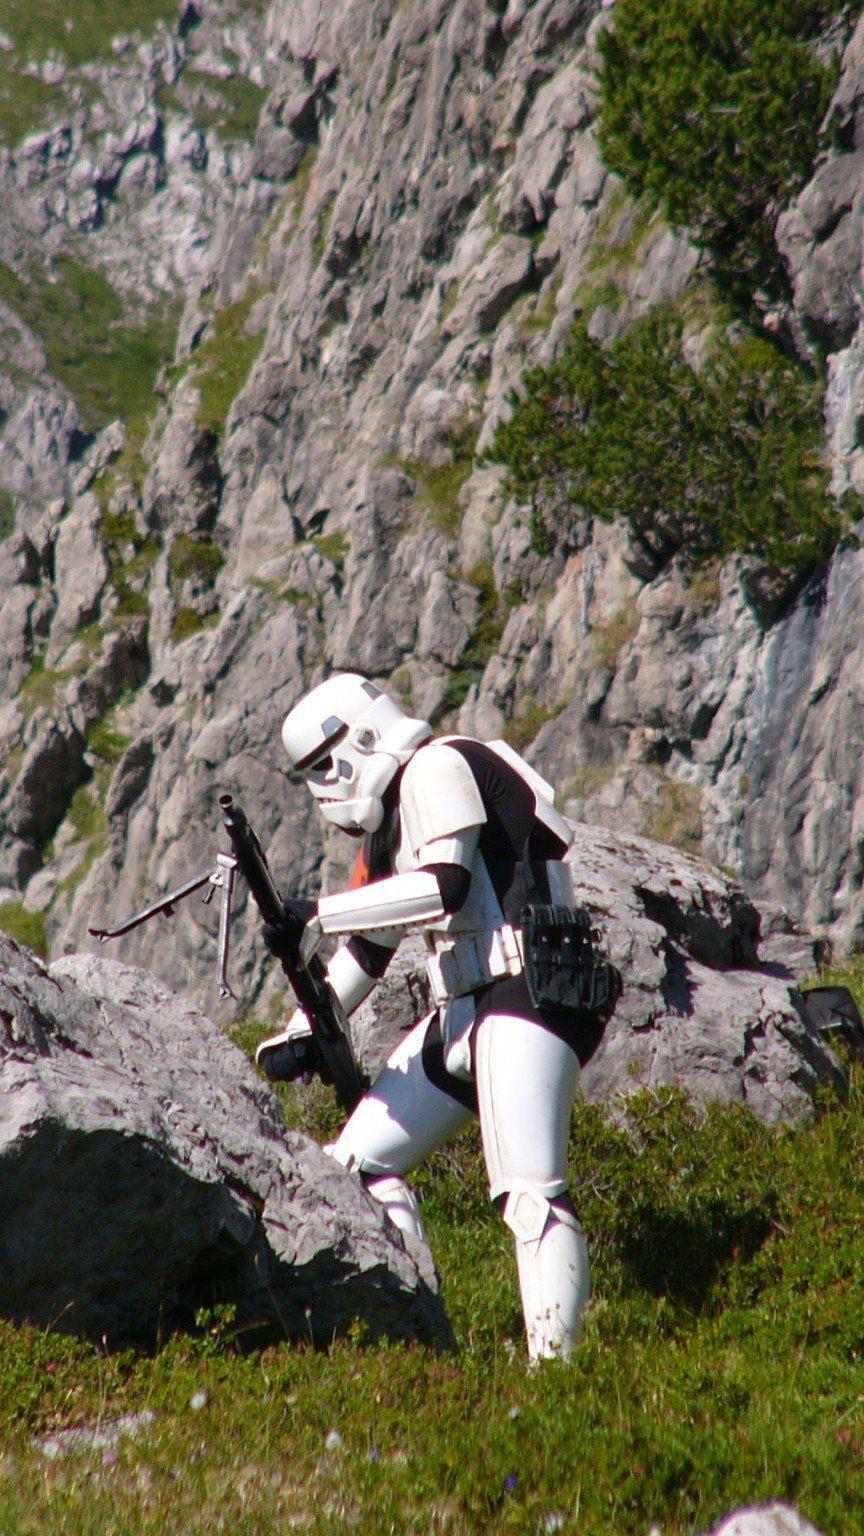 Stormtrooper am Lünersee.